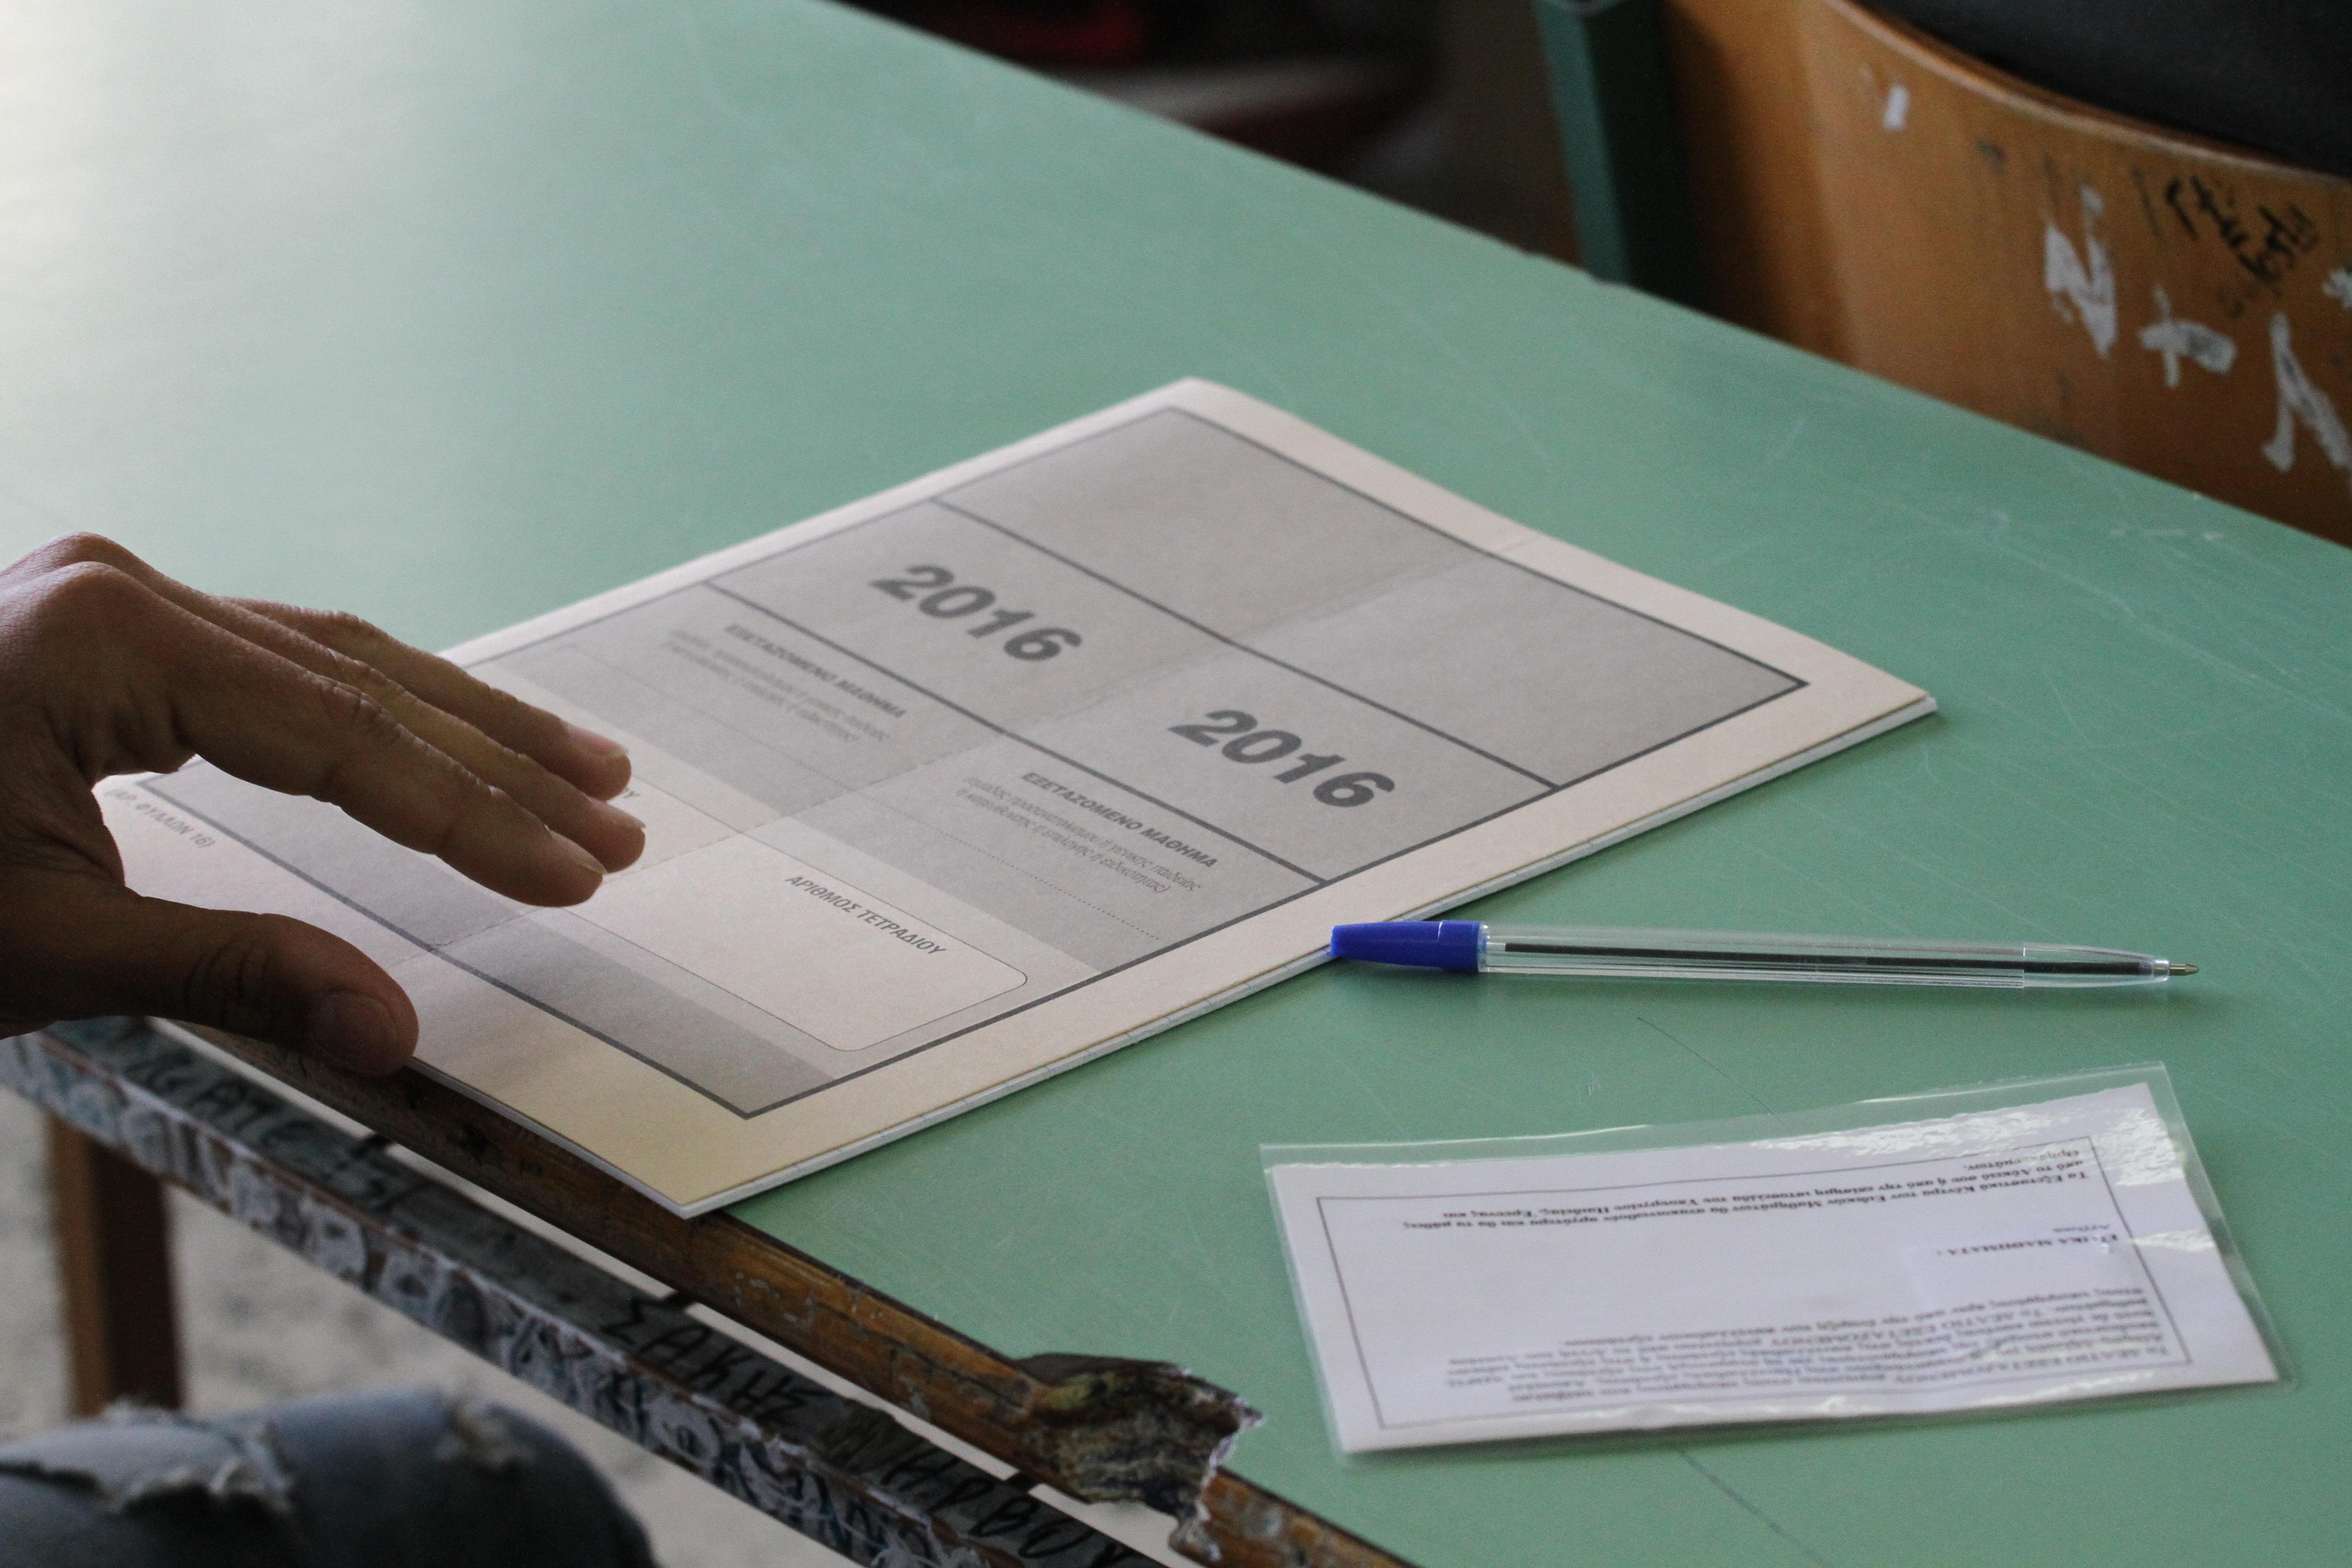 Τα μηχανογραφικά για αλλοδαπούς-αλλογενείς από 15 έως 21 Ιουλίου | tovima.gr